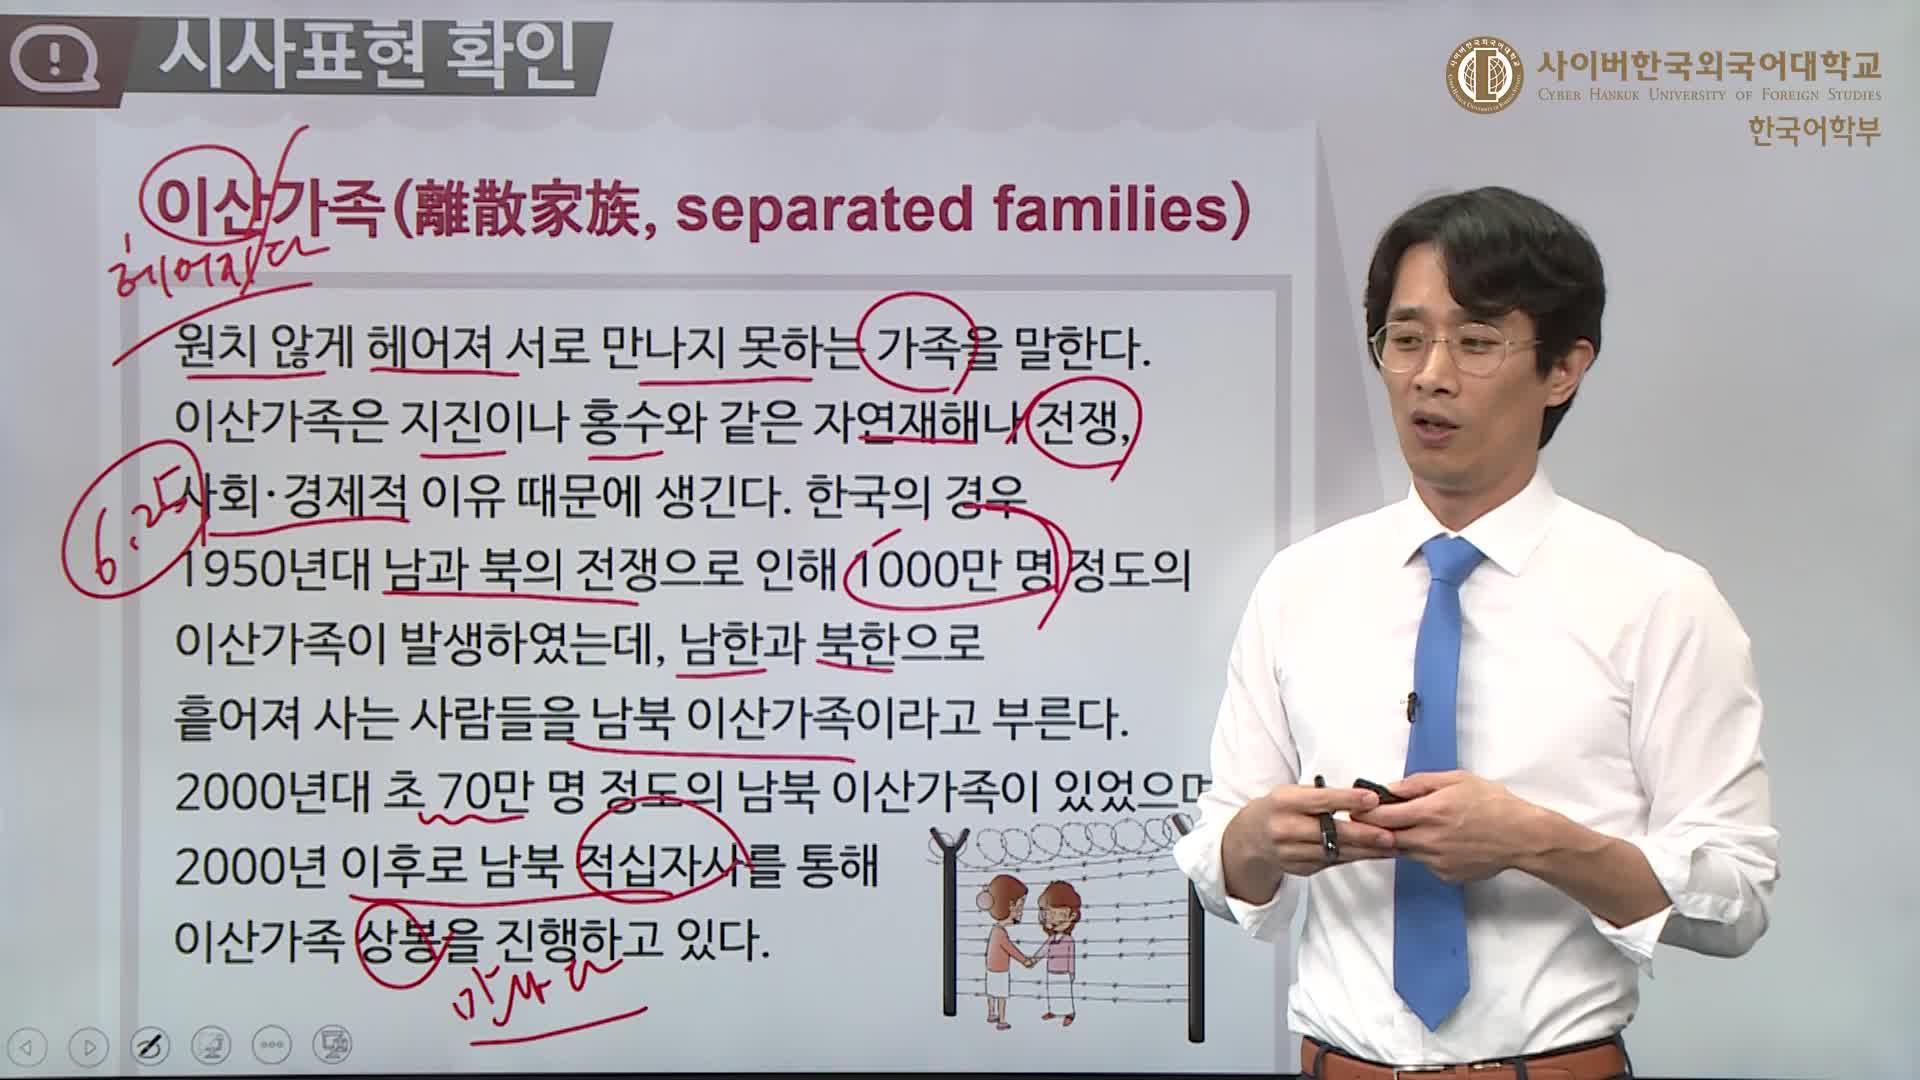 [韩语时事表达]#27. 이산가족(离散家族):被动分离无法相见的家庭